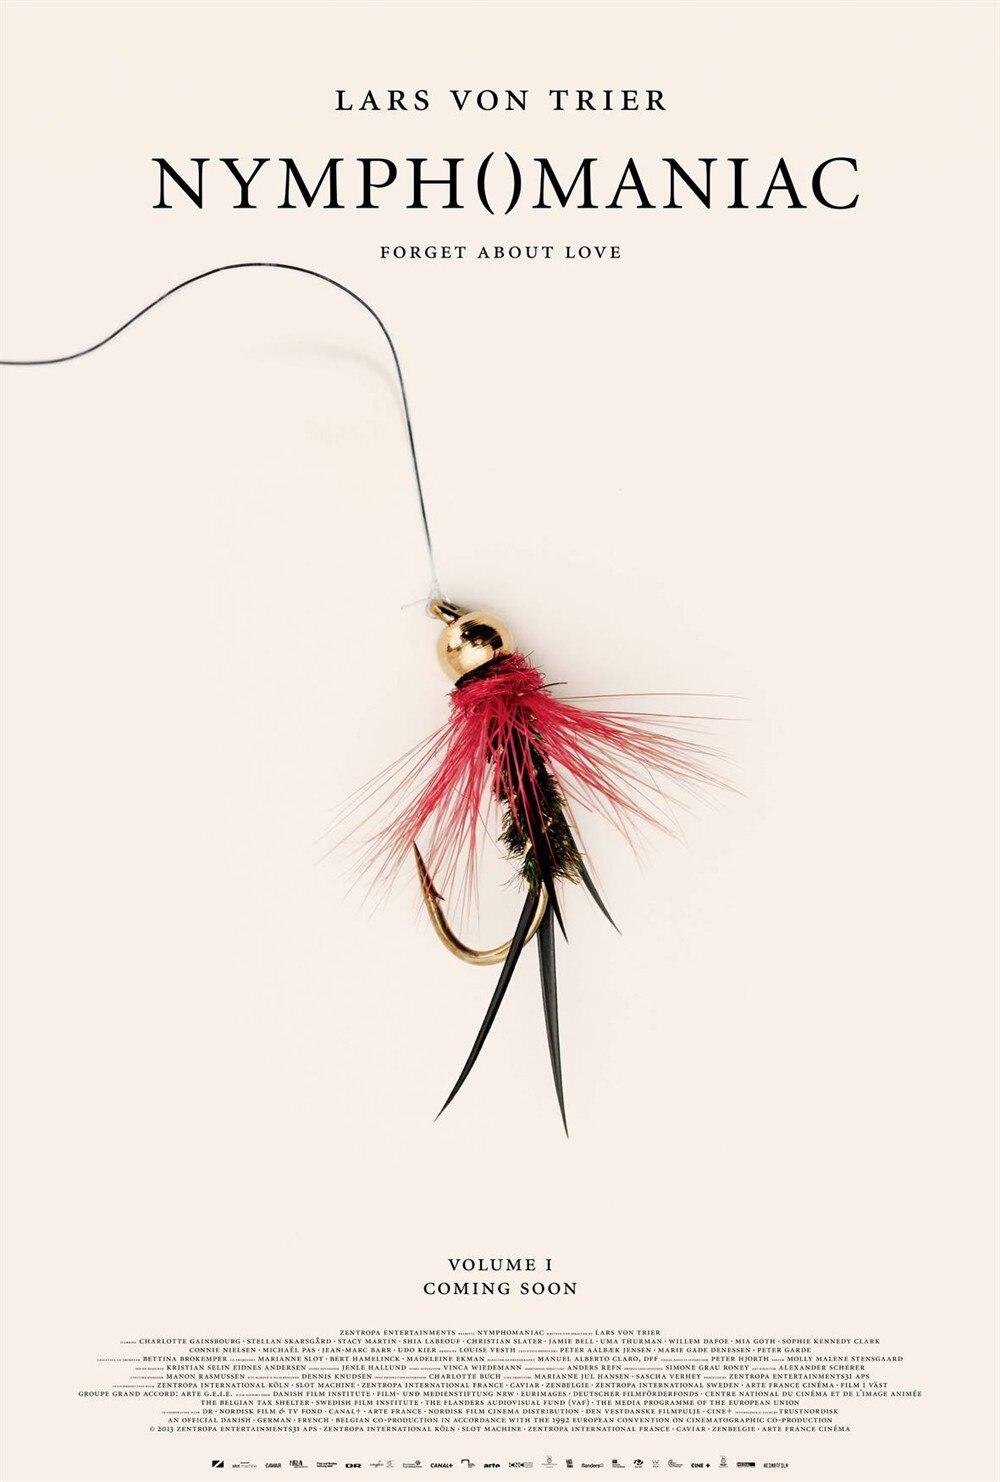 NYMPHOMANIAC фильм Кристиан Слейтер ума Турман Шелковый плакат декоративной живописи 24x36 дюймов - Цвет: Светло-желтый